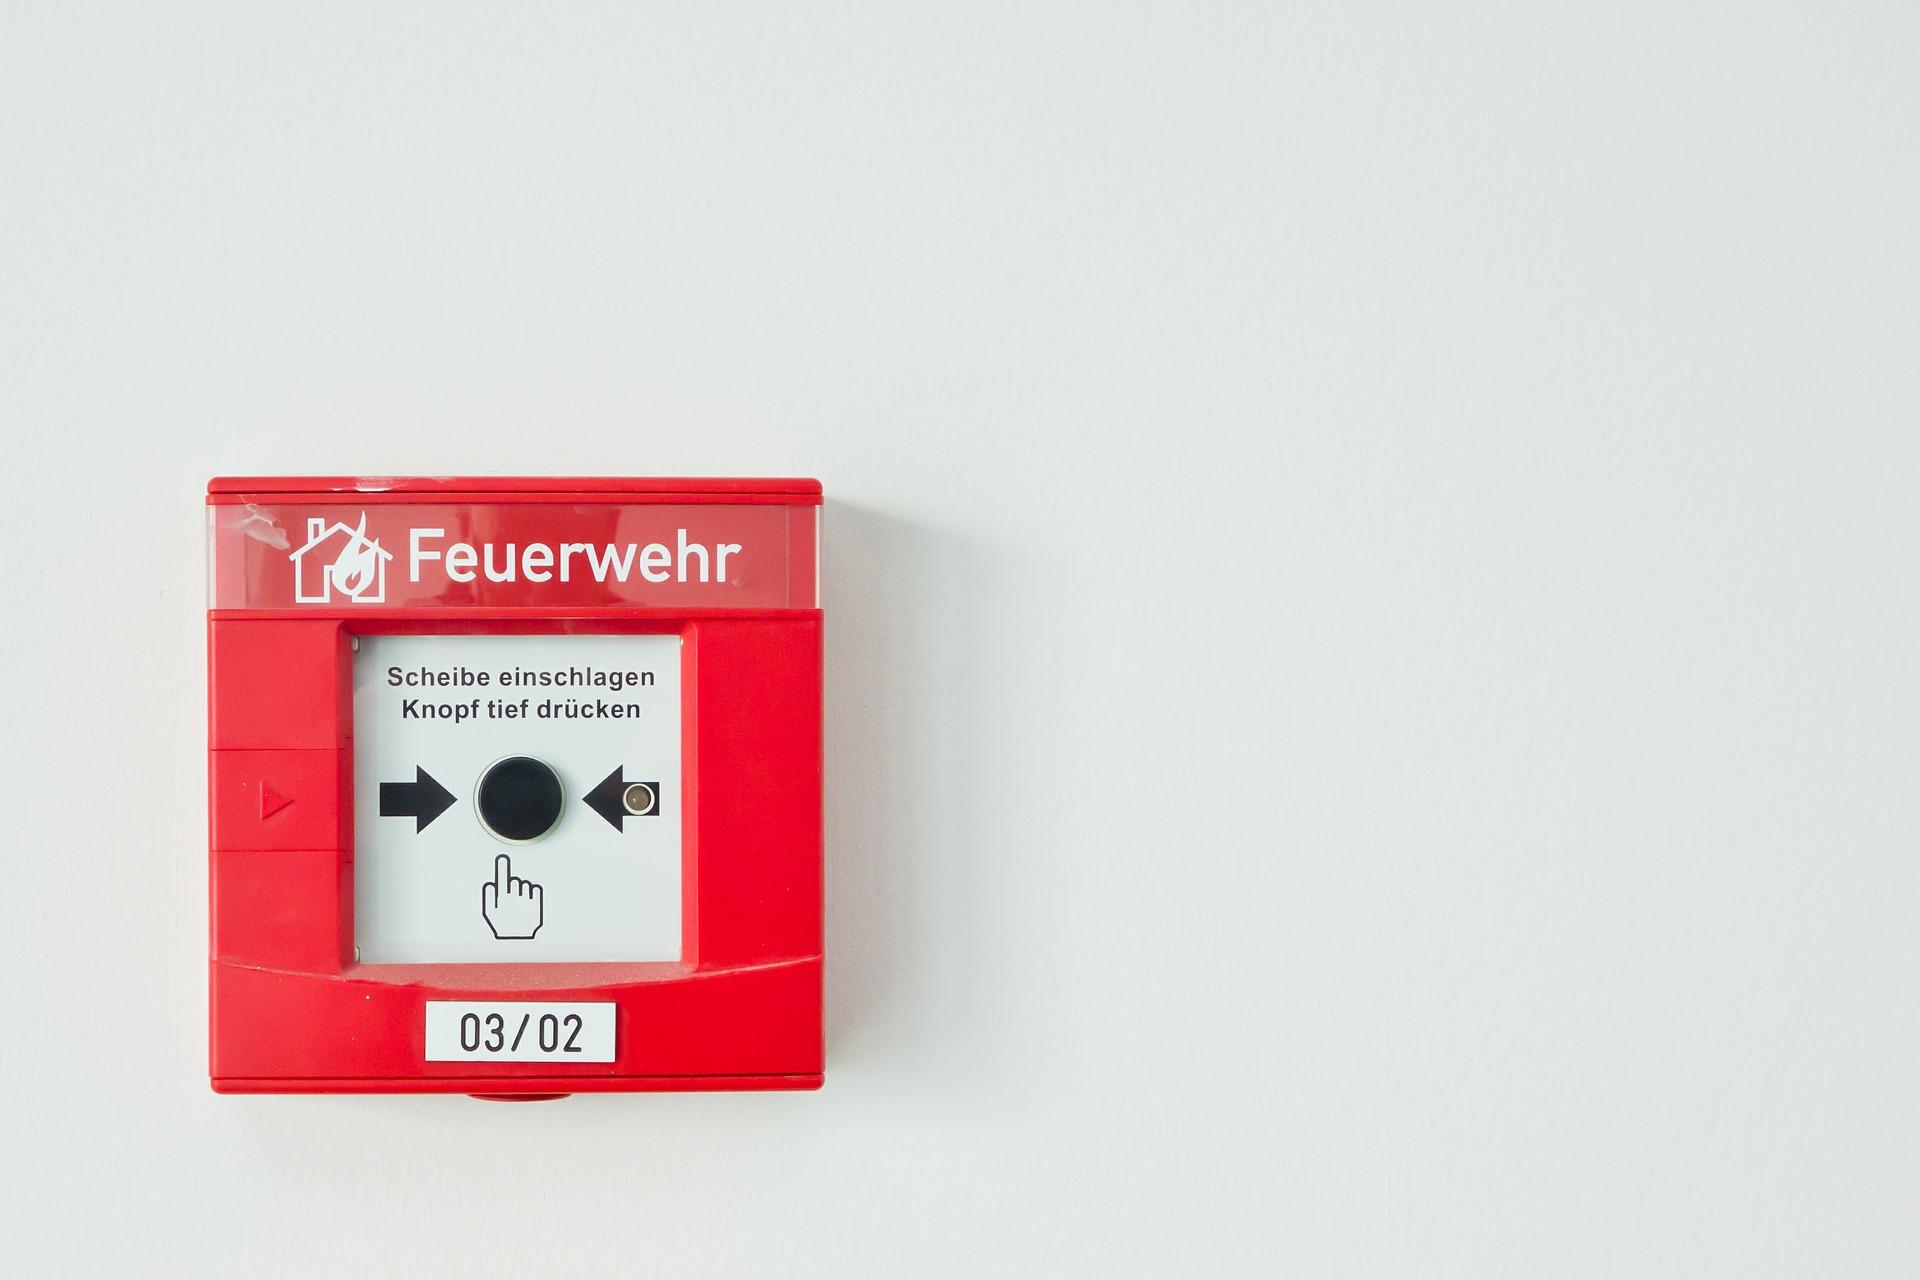 Druckknopfmelder einer Brandmeldeanlage